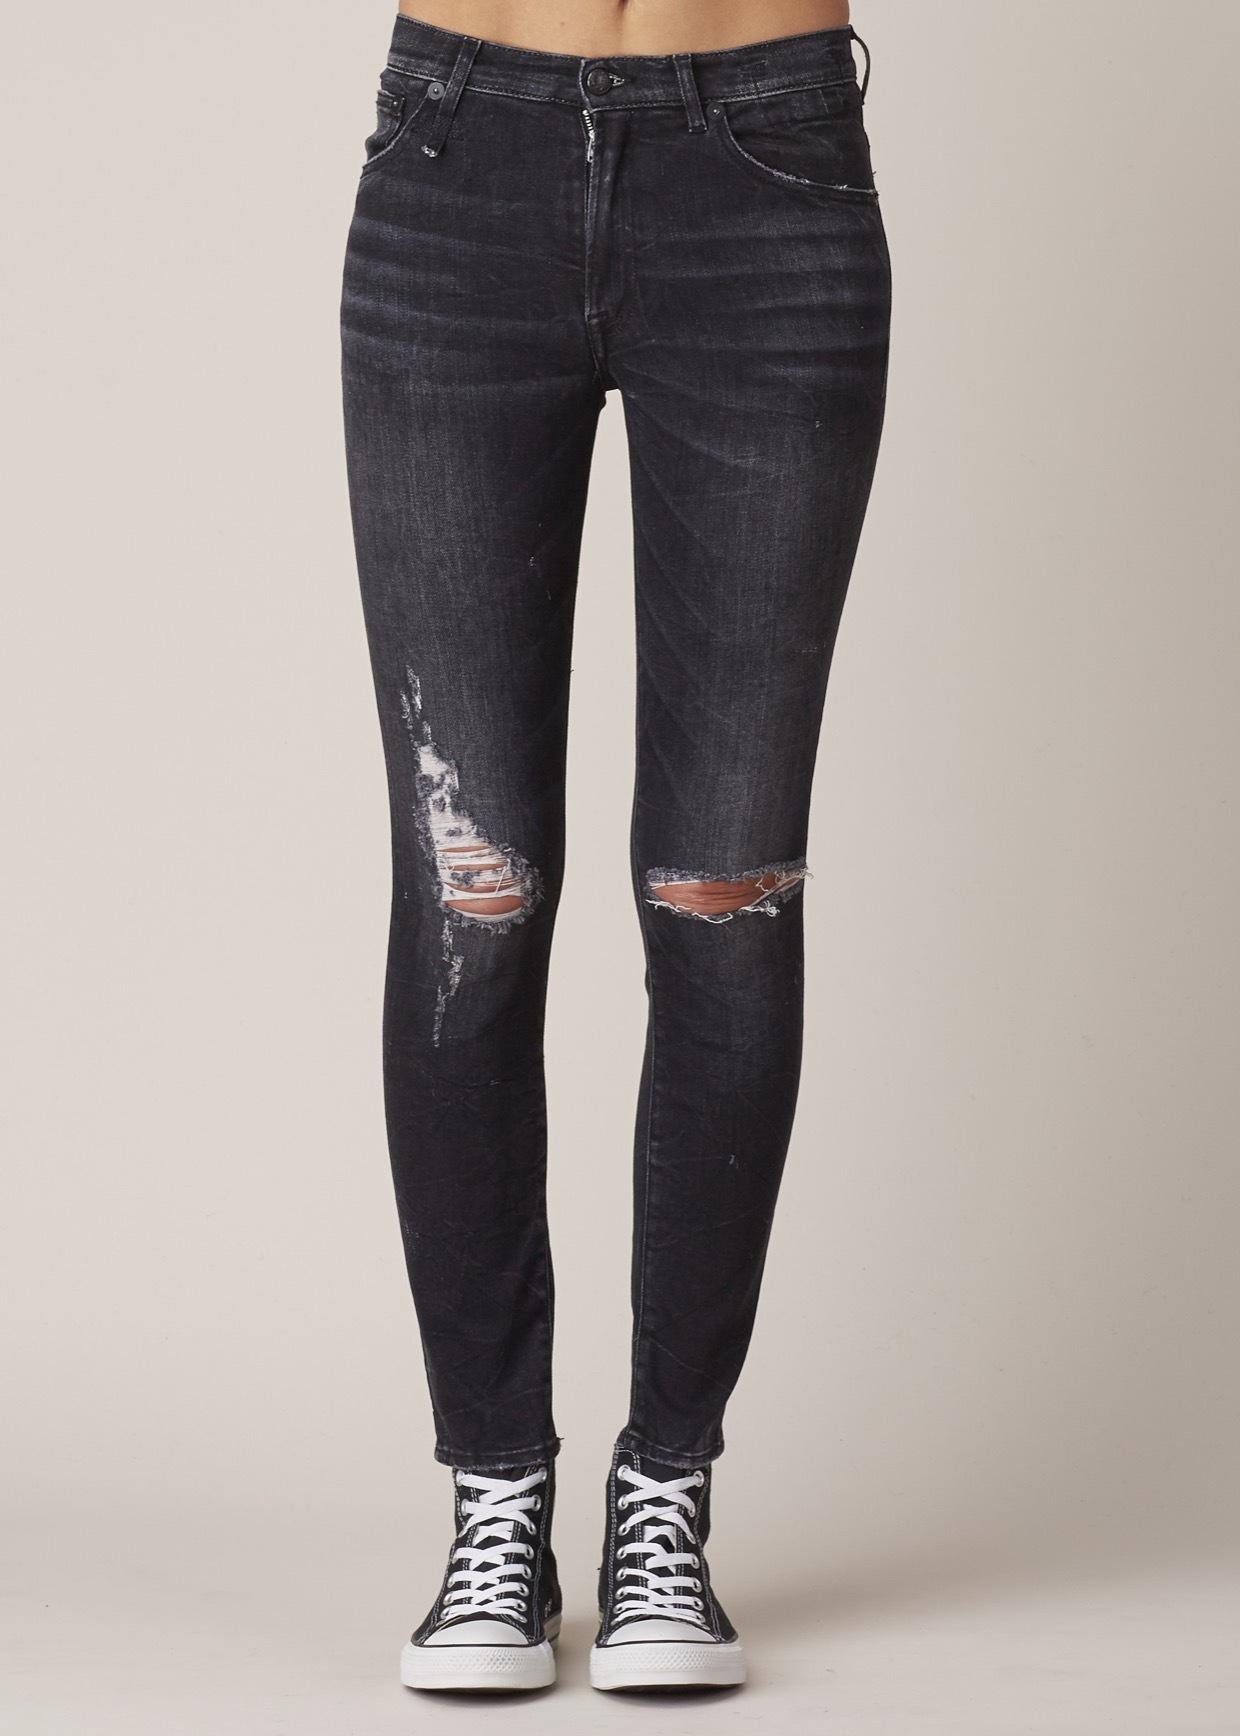 R13 skinny jeans black marble